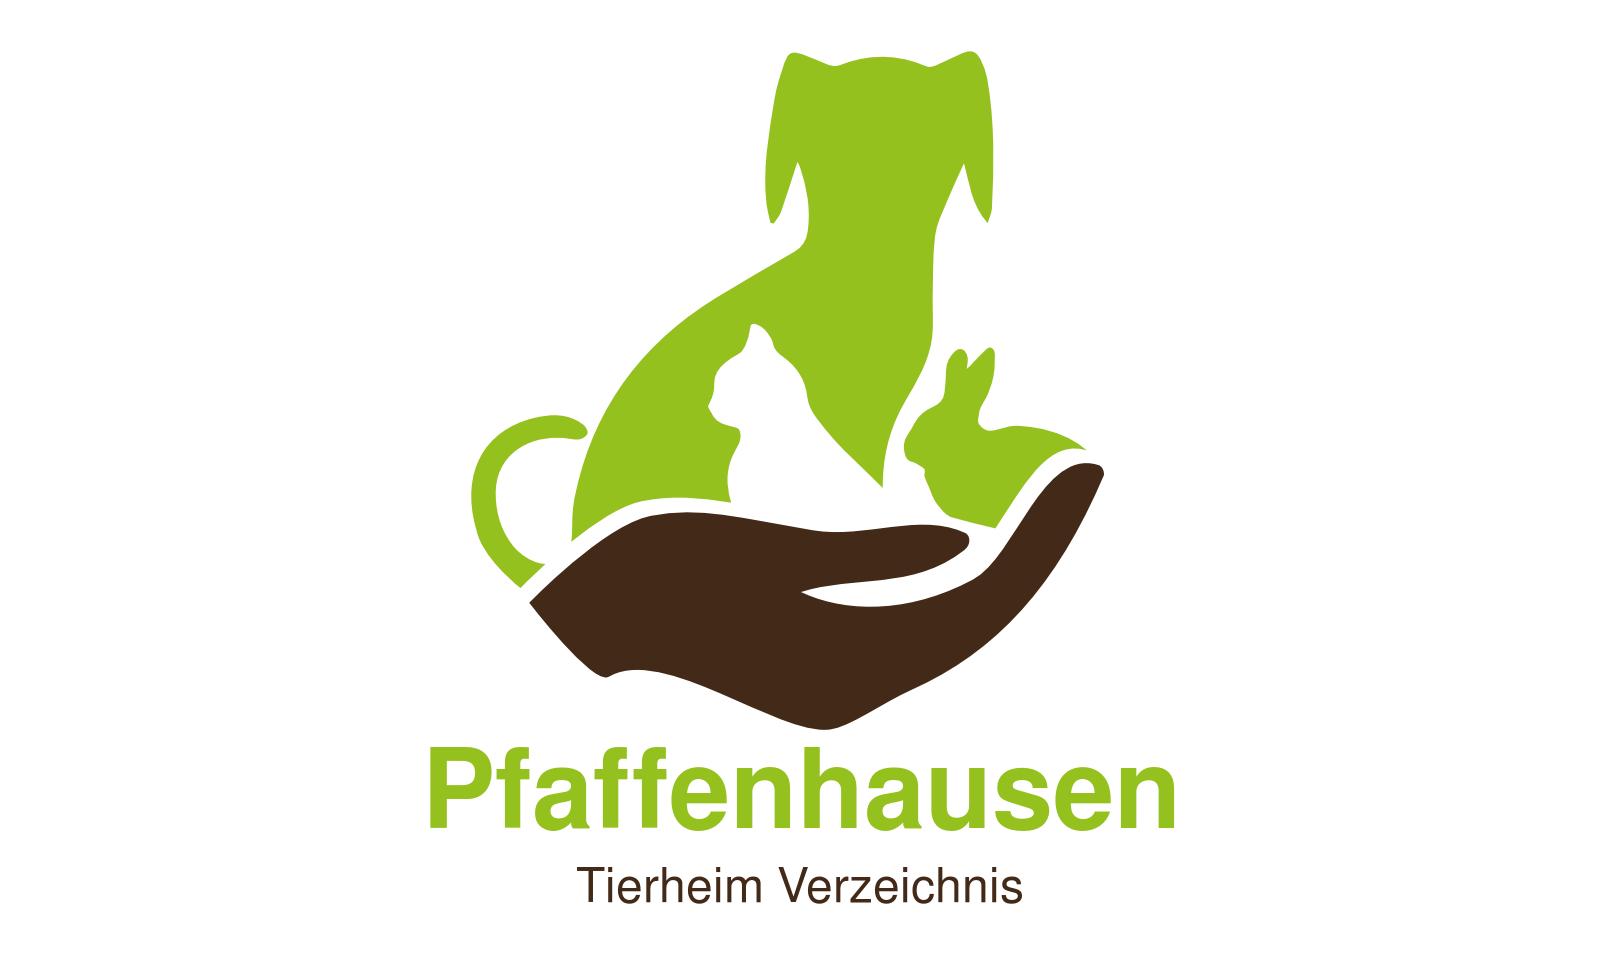 Tierheim Pfaffenhausen